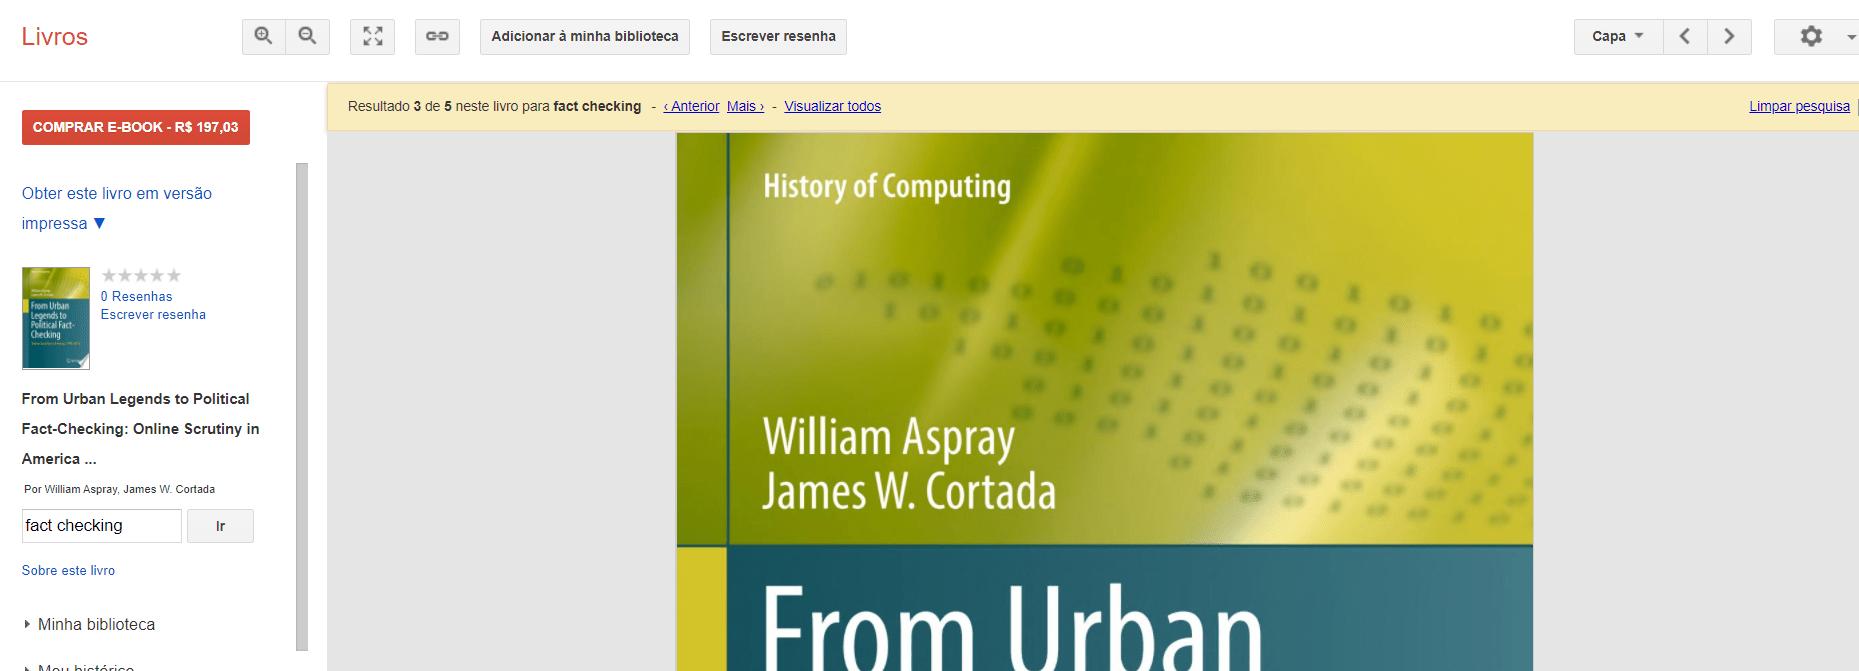 Visualização do arquivo Google Livros